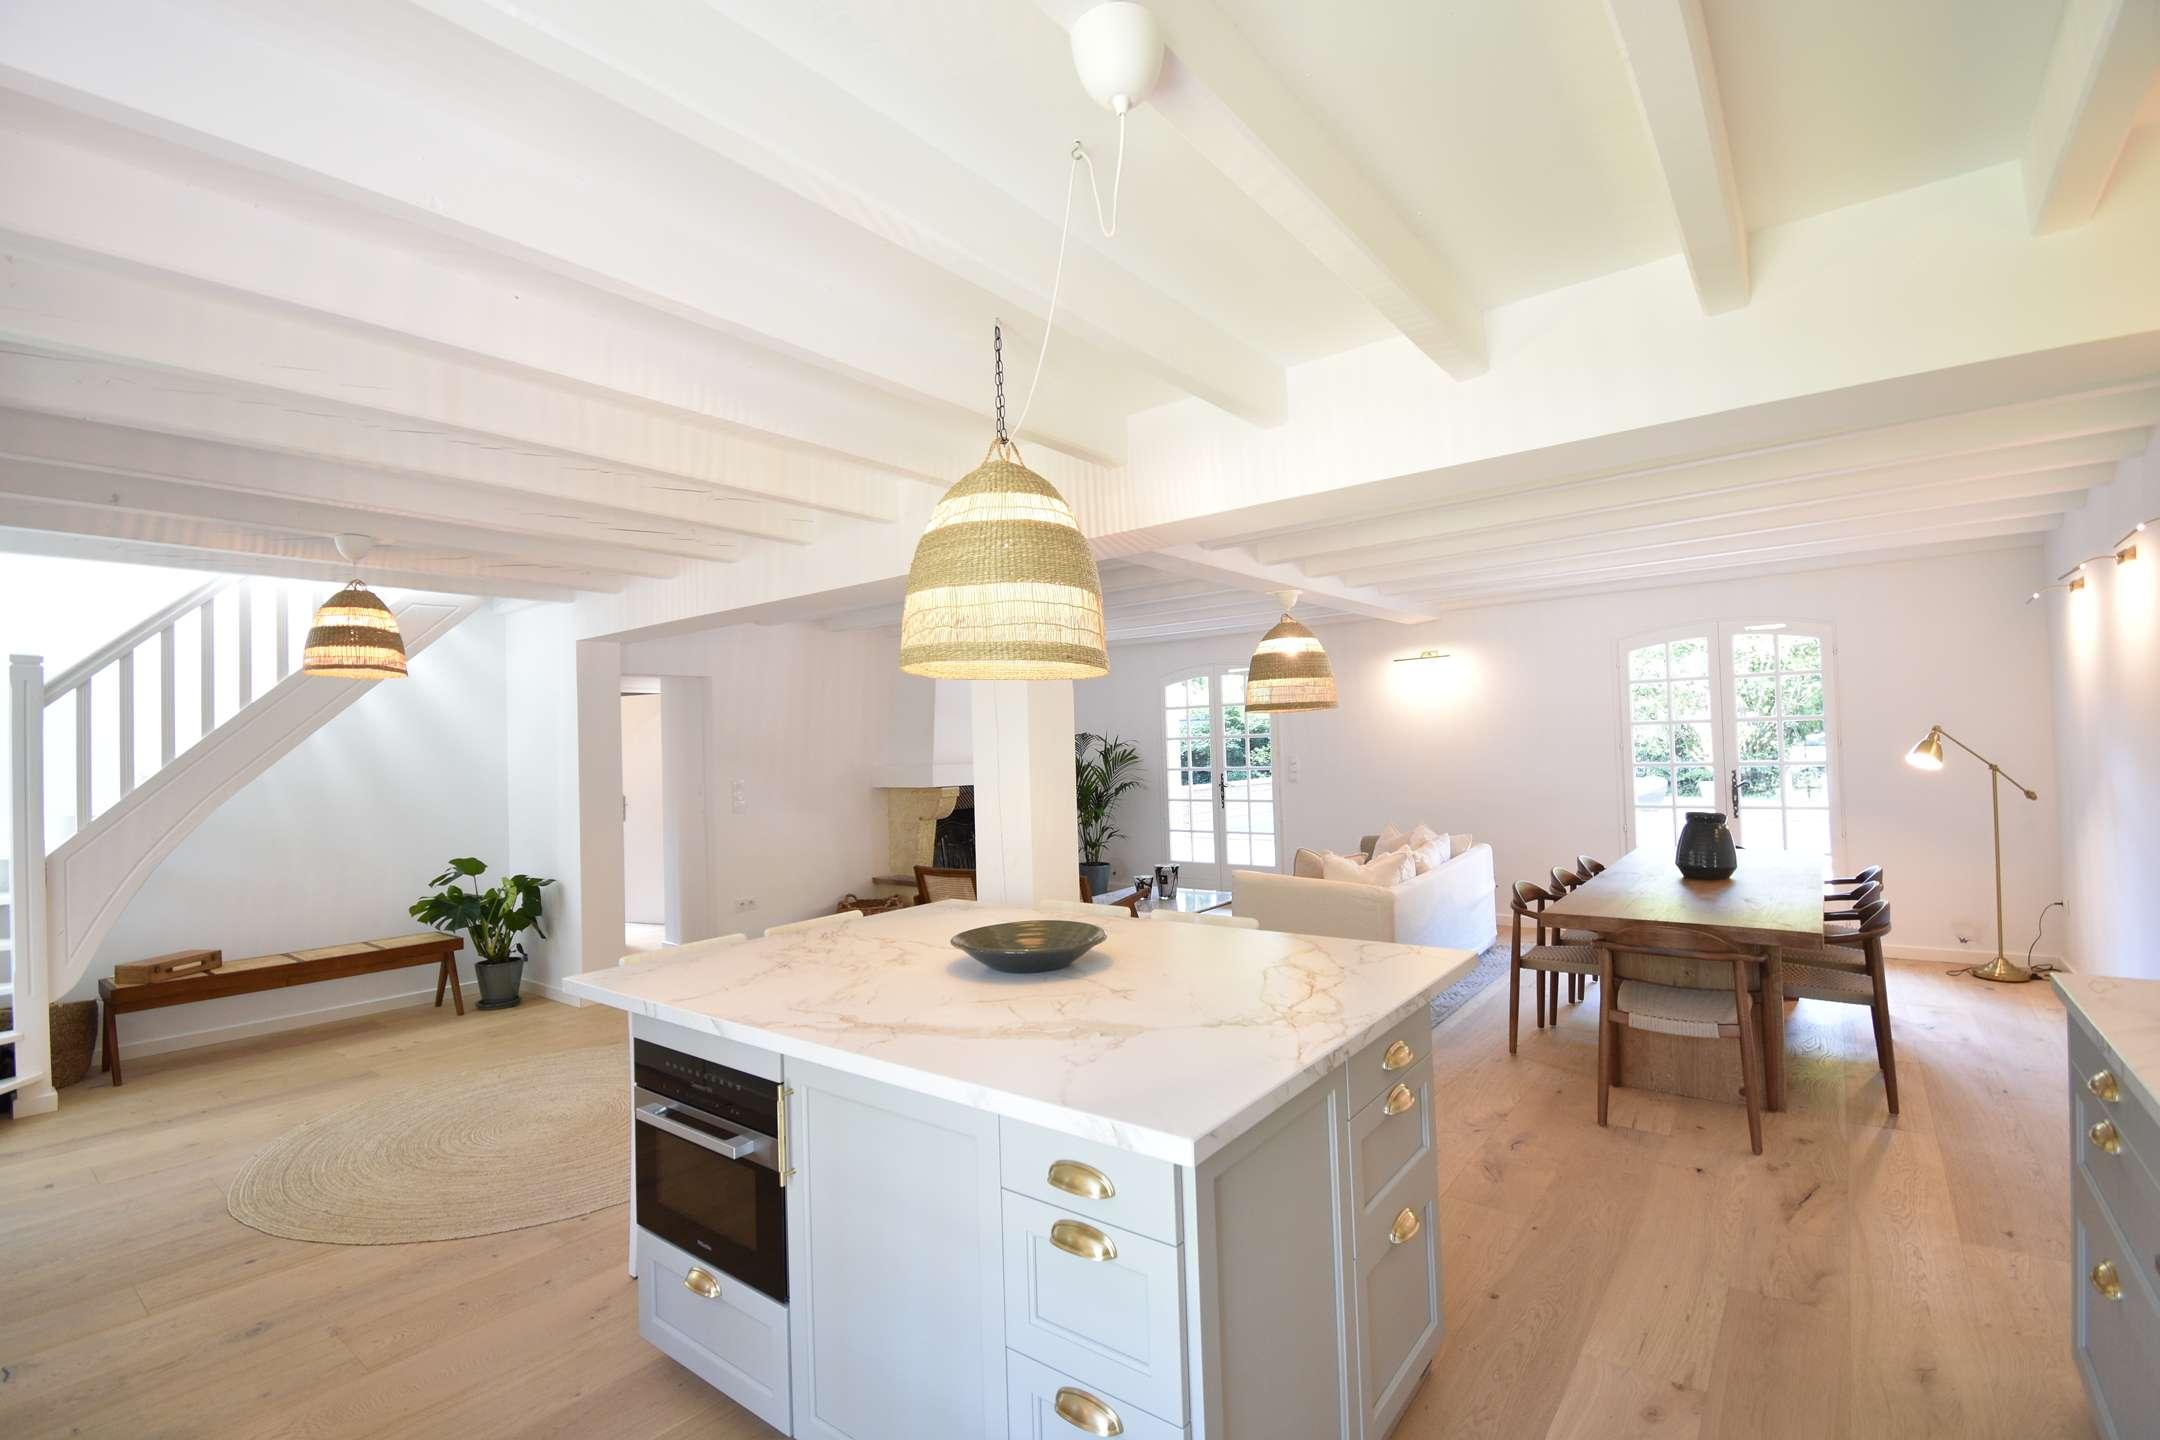 Holiday rental villa ref:0658